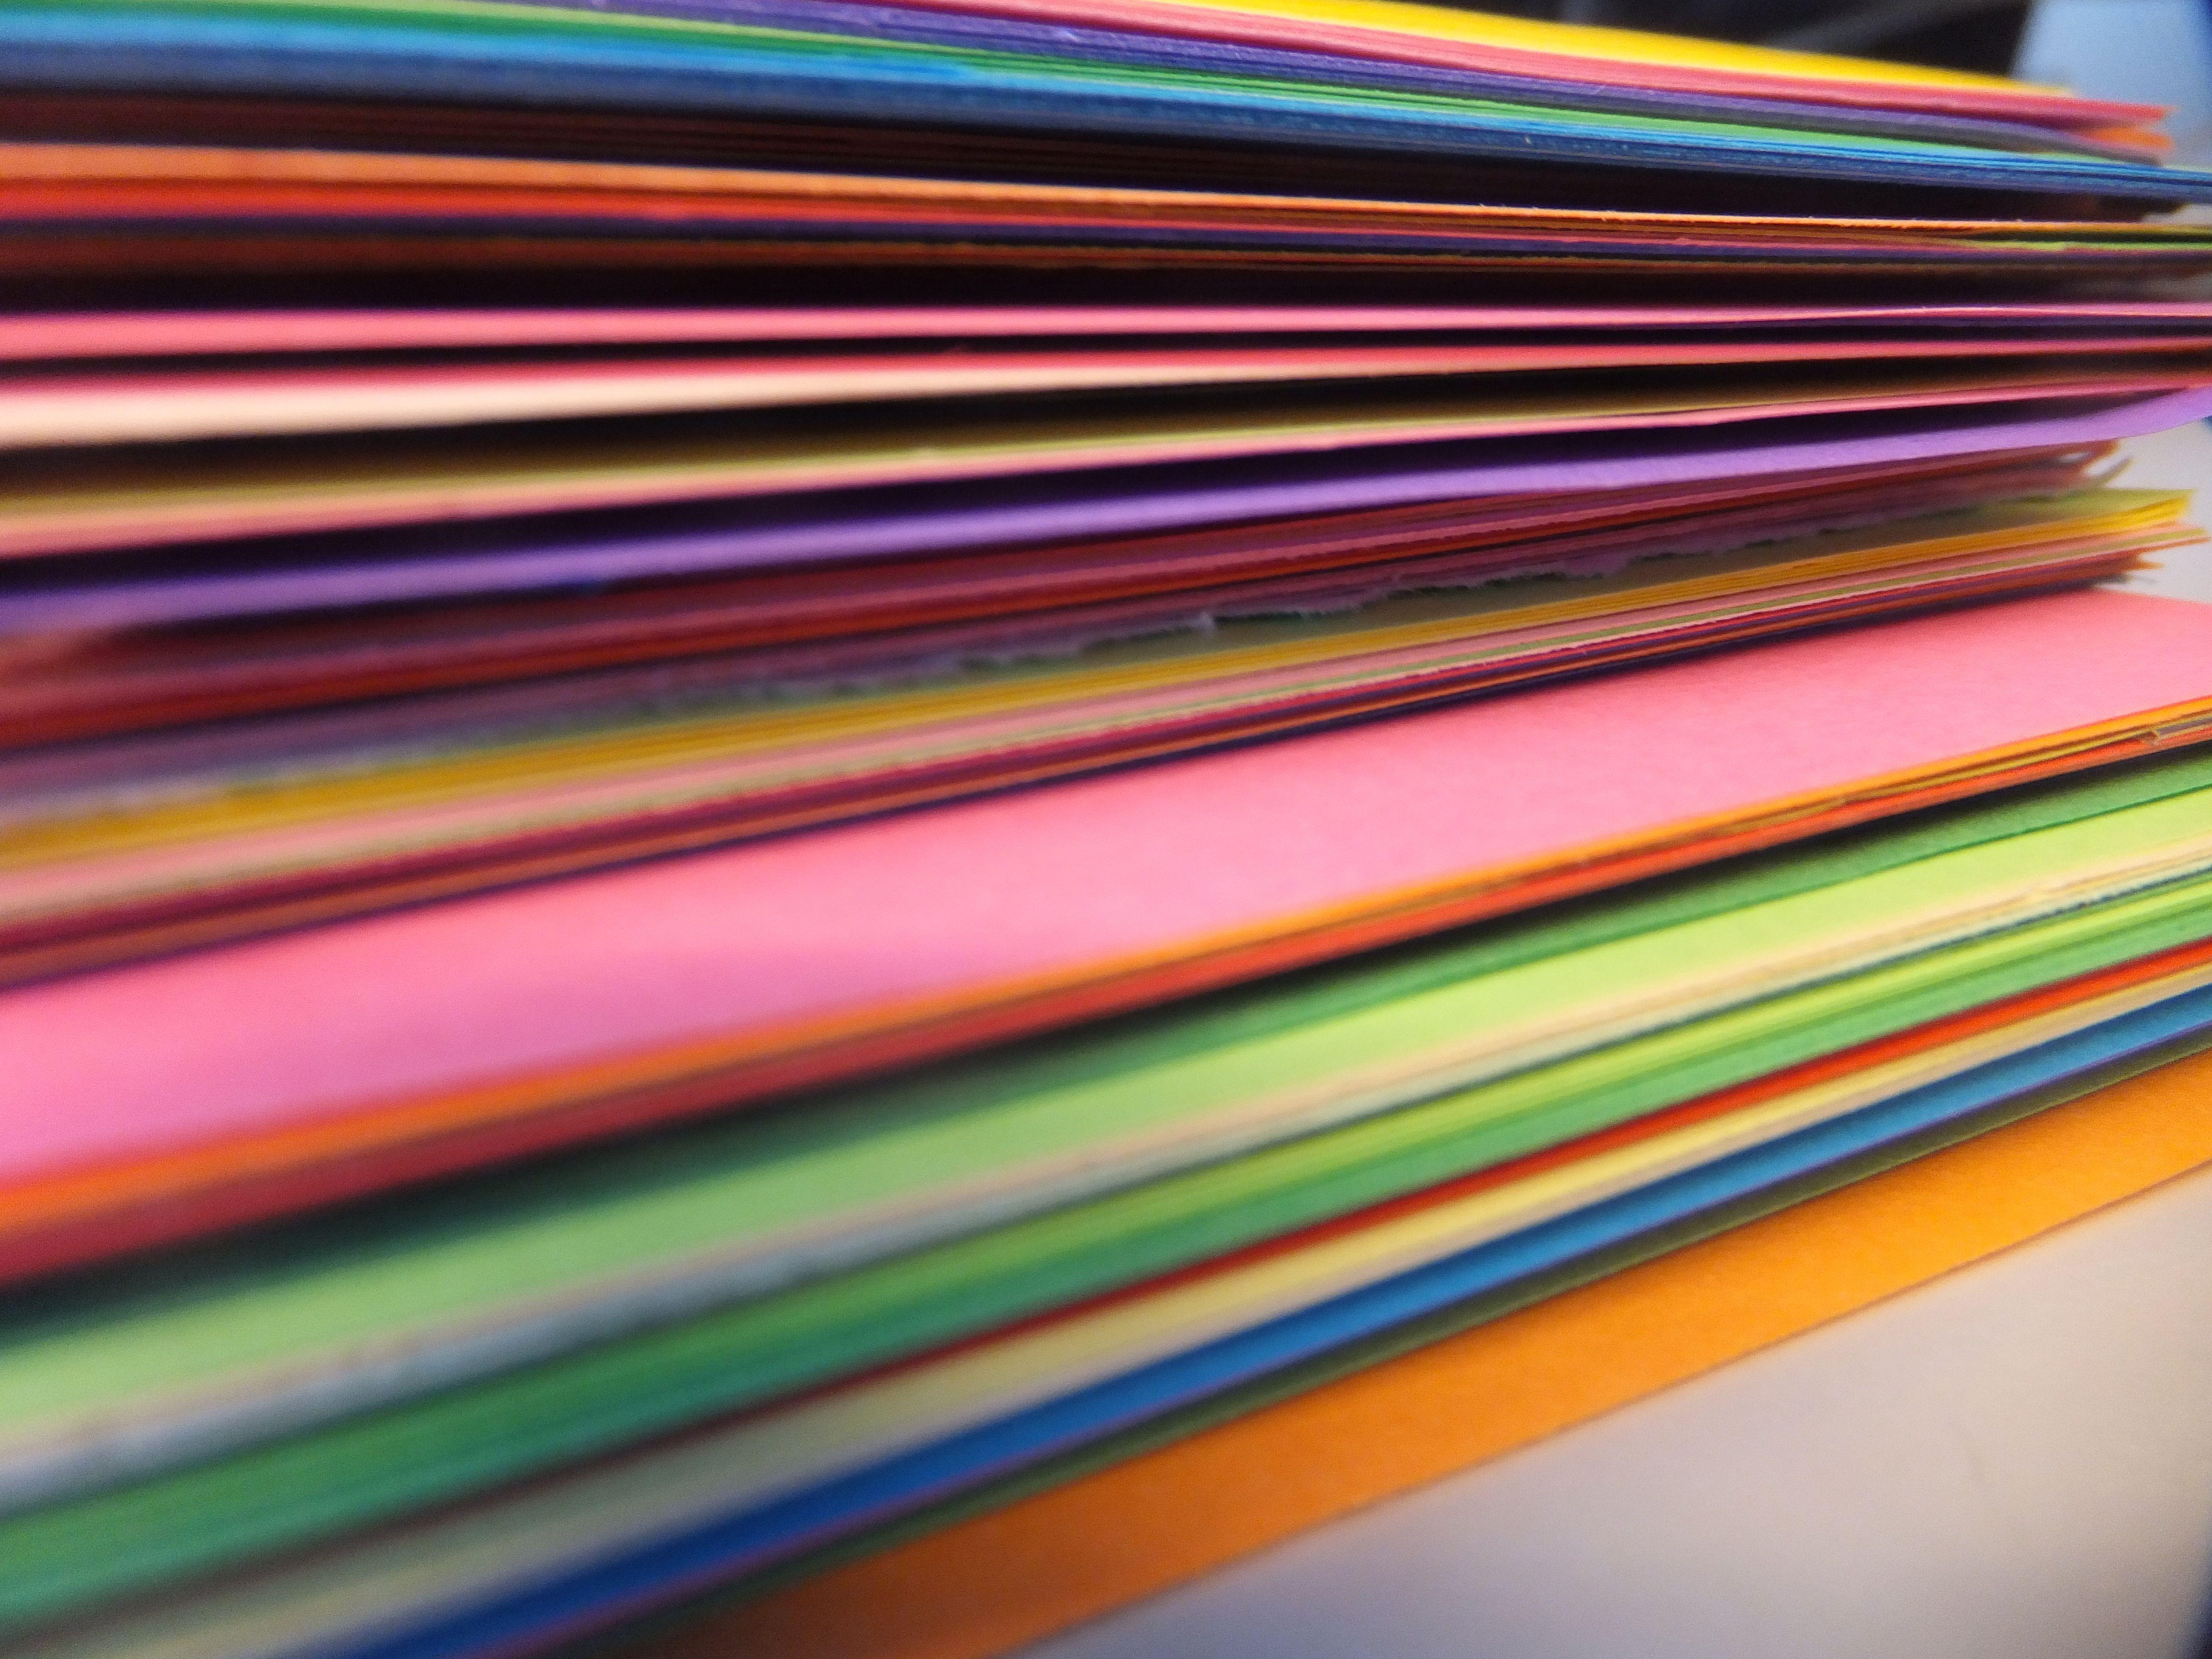 Warme & koude kleuren we hebben deze foto gemaakt van gekleurde